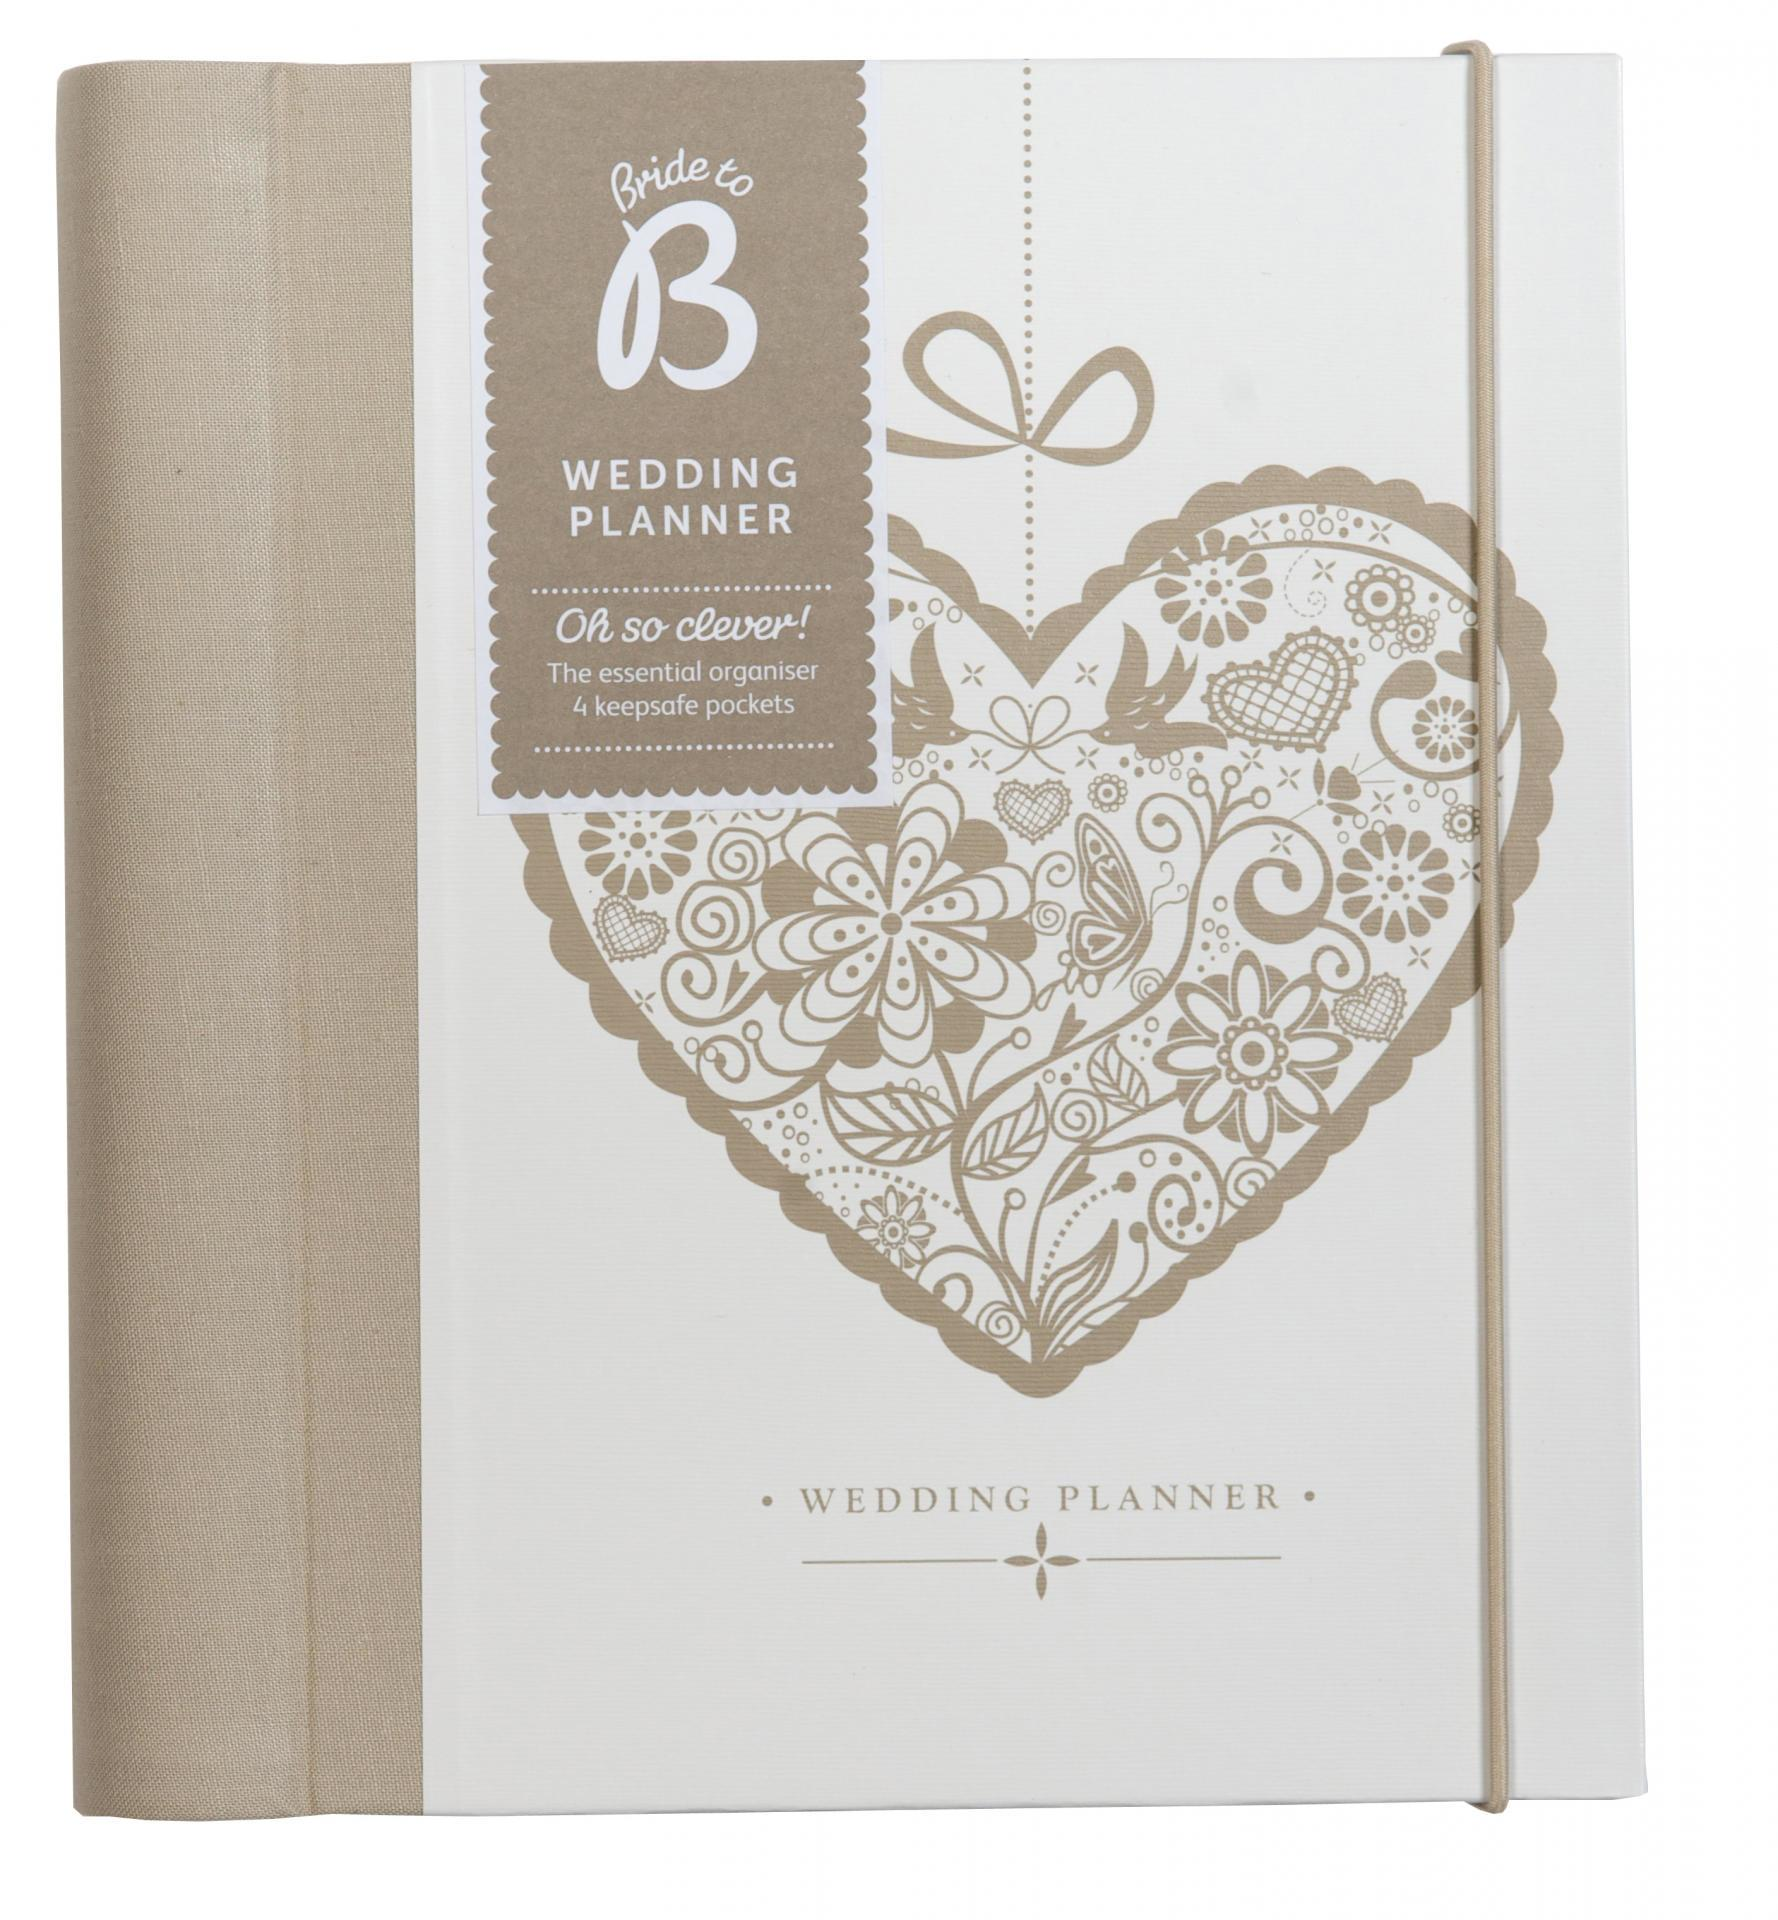 Busy B Svatební plánovač Bride to B Heart